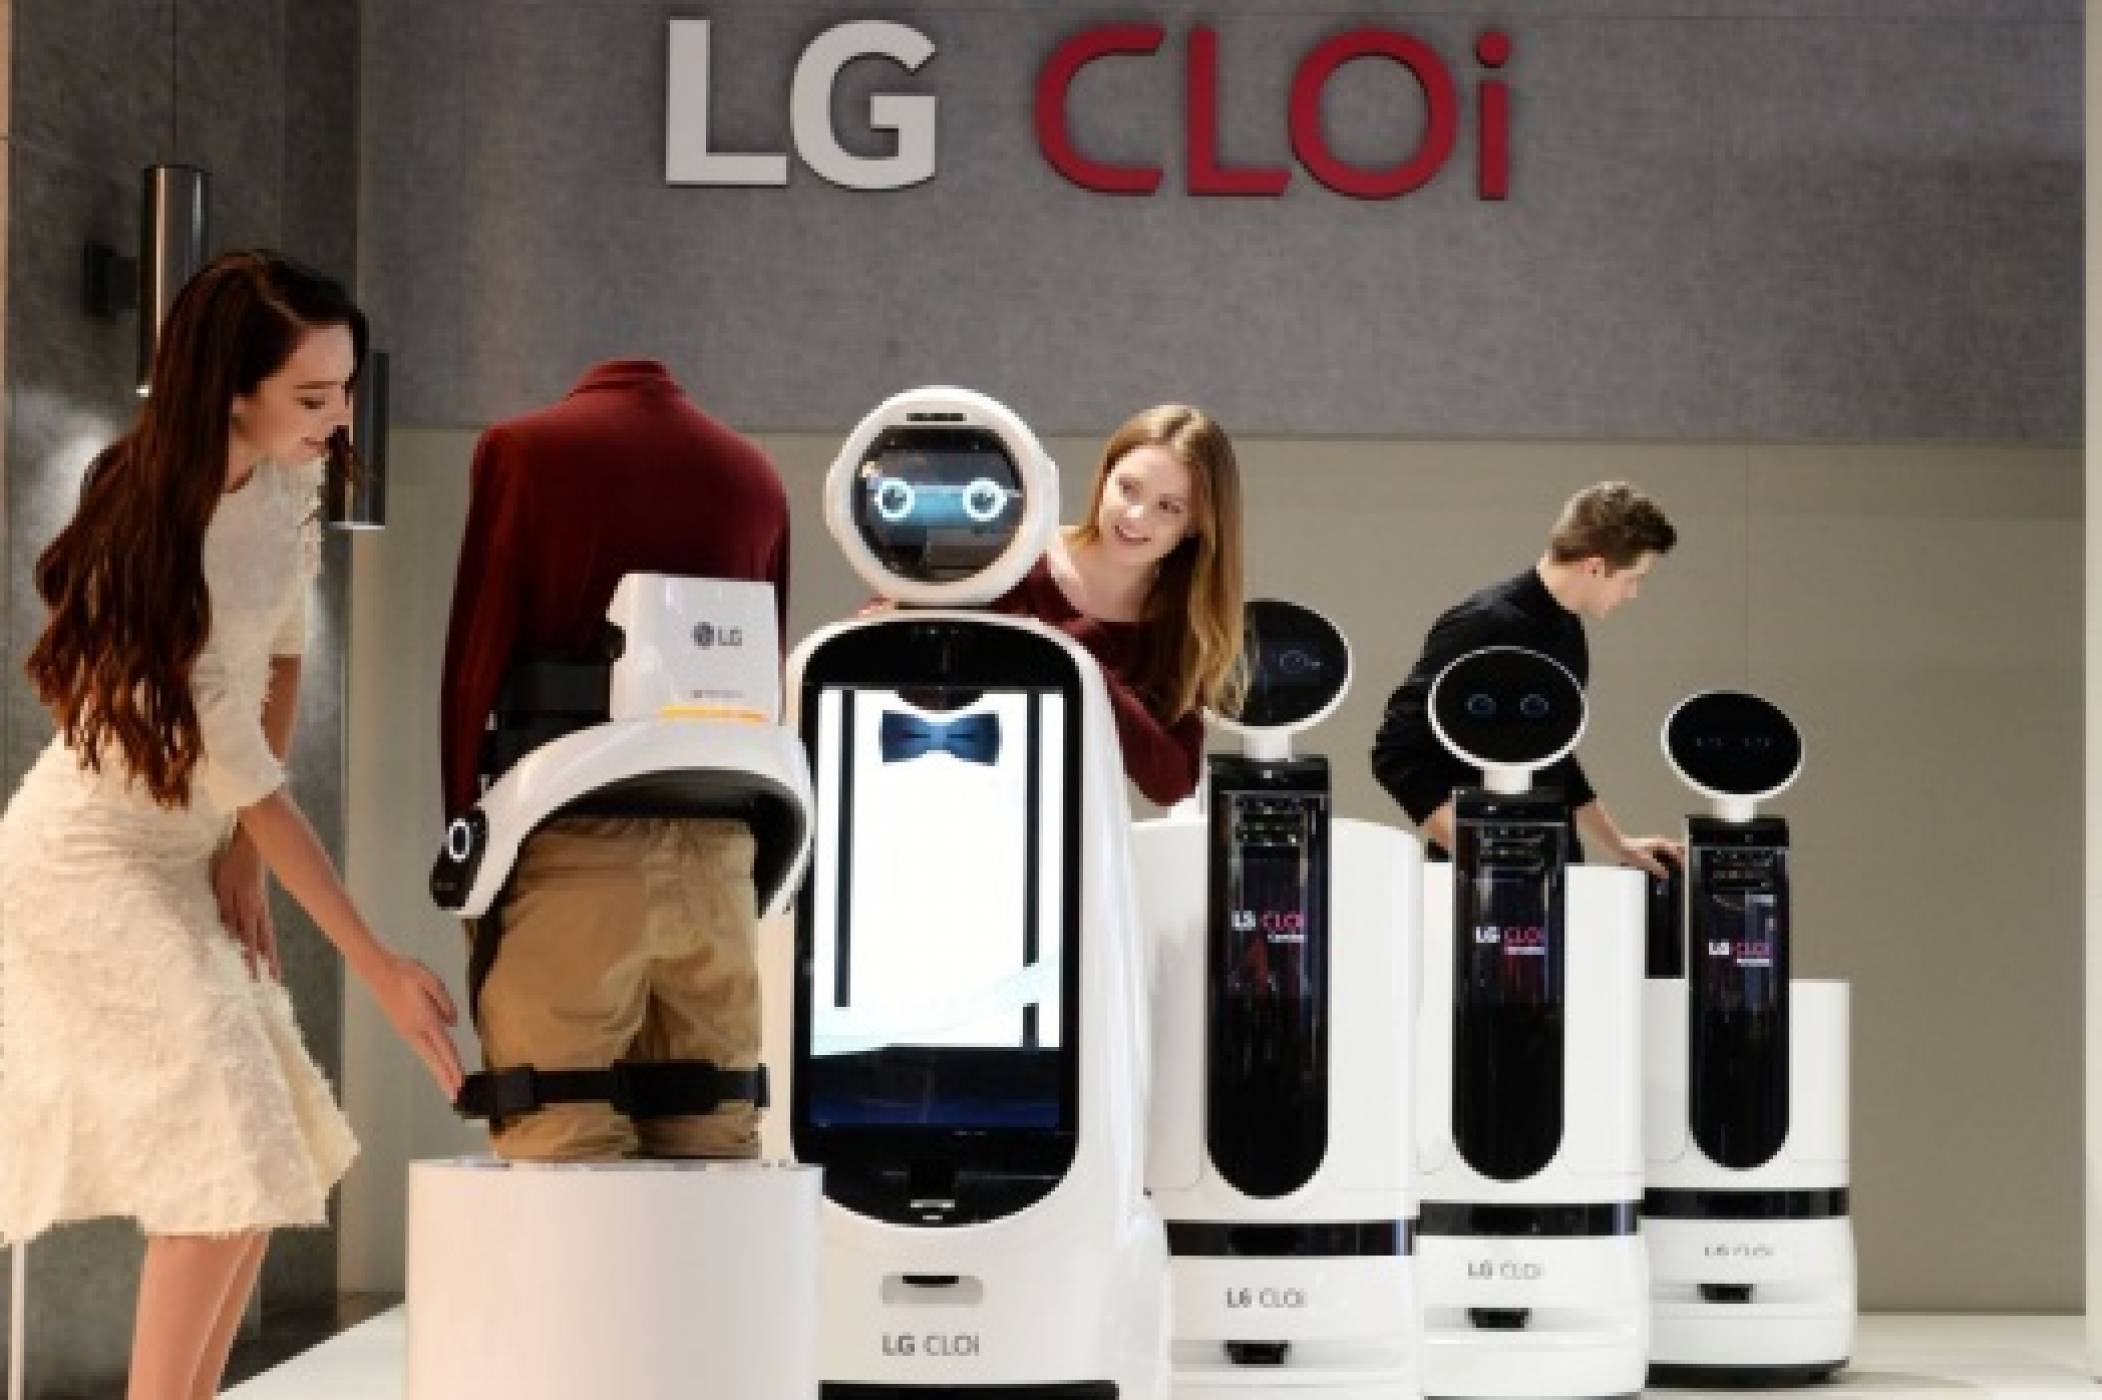 Роботите на LG ни правят по-ефективни, а живота ни - по-лесен (ВИДЕО)